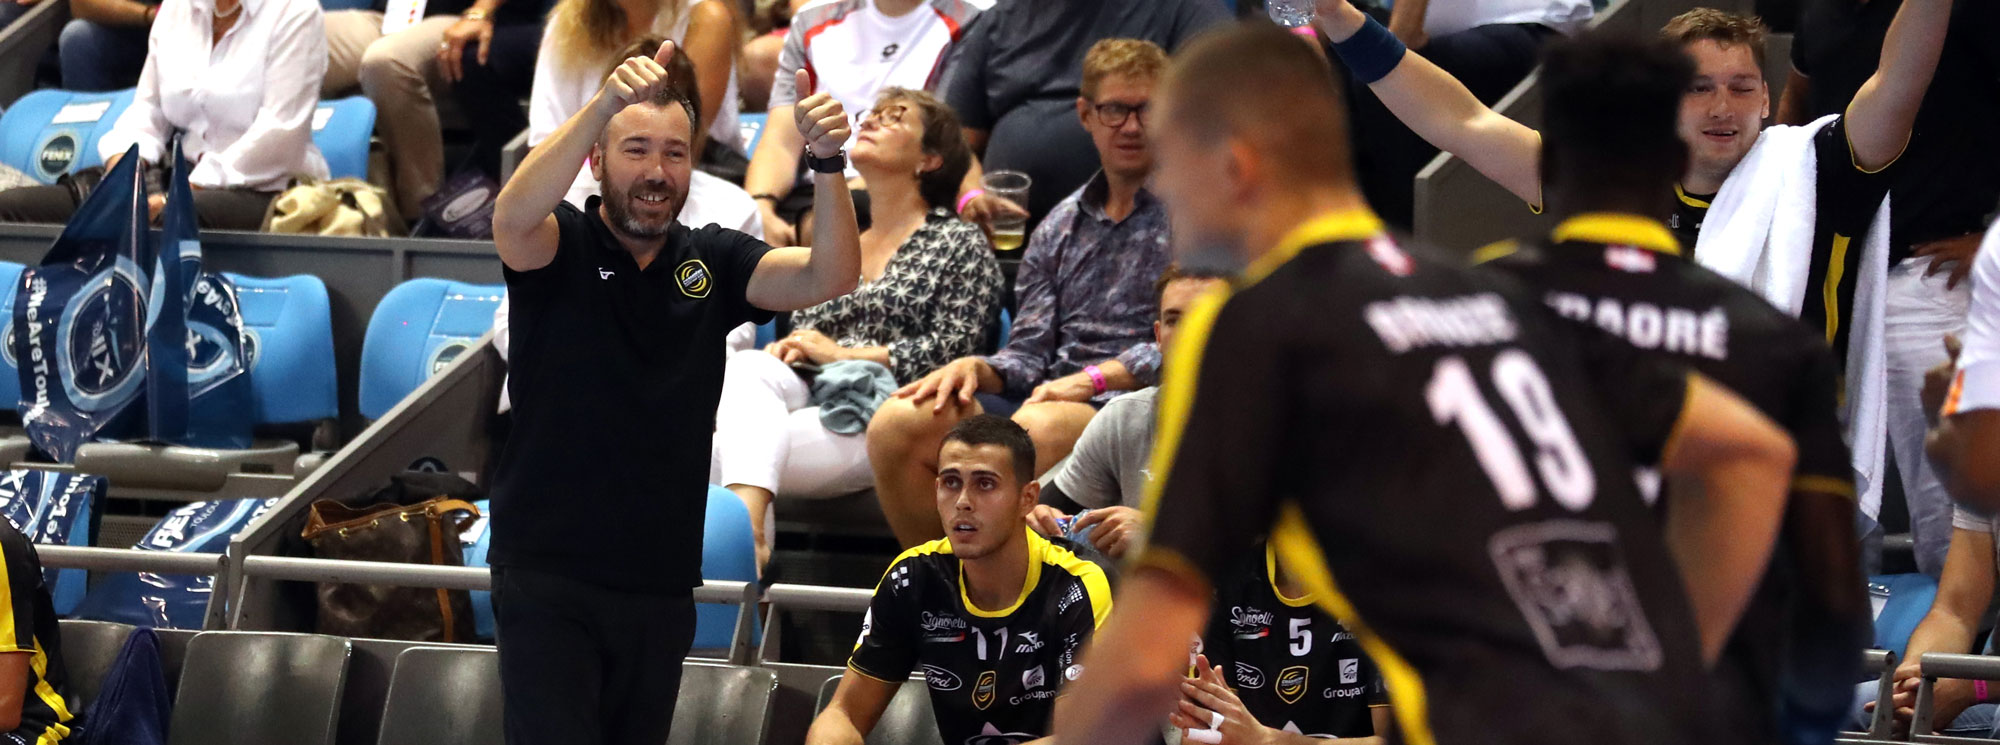 Laurent Busselier, désormais entraîneur adjoint, est un élément essentiel de par son rôle de responsable du centre de formation